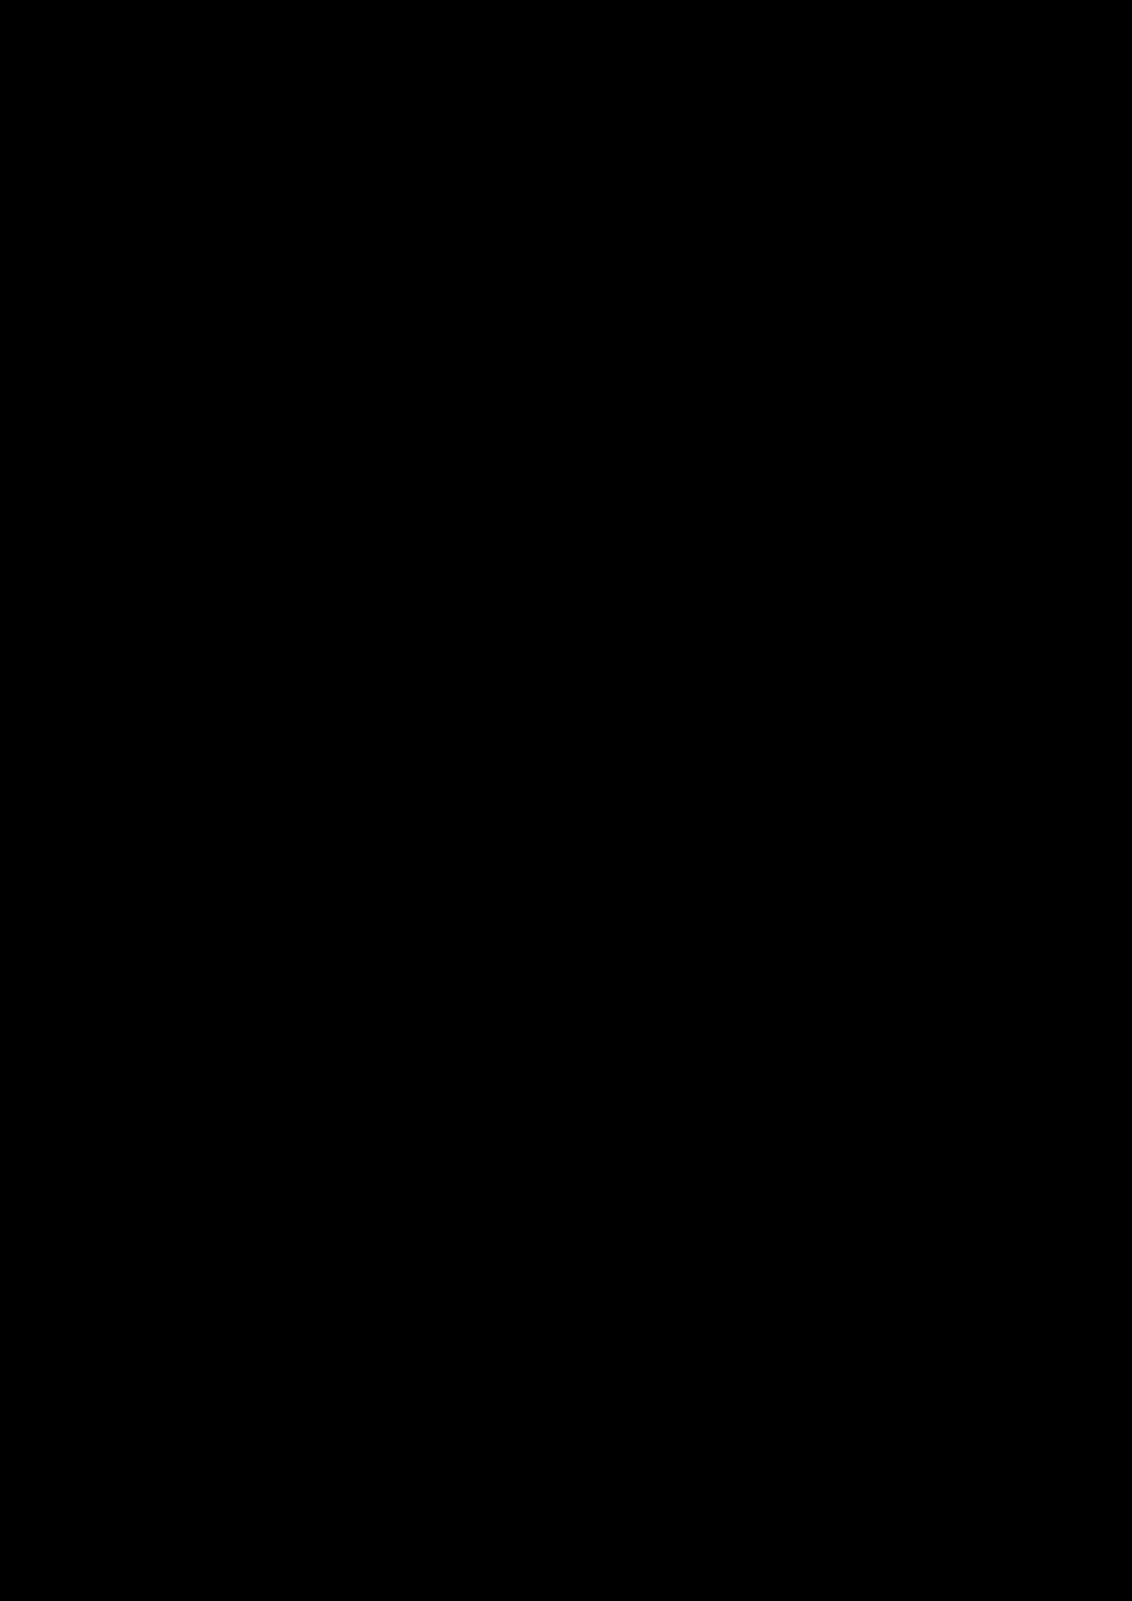 Osobyiy Rezon slide, Image 11